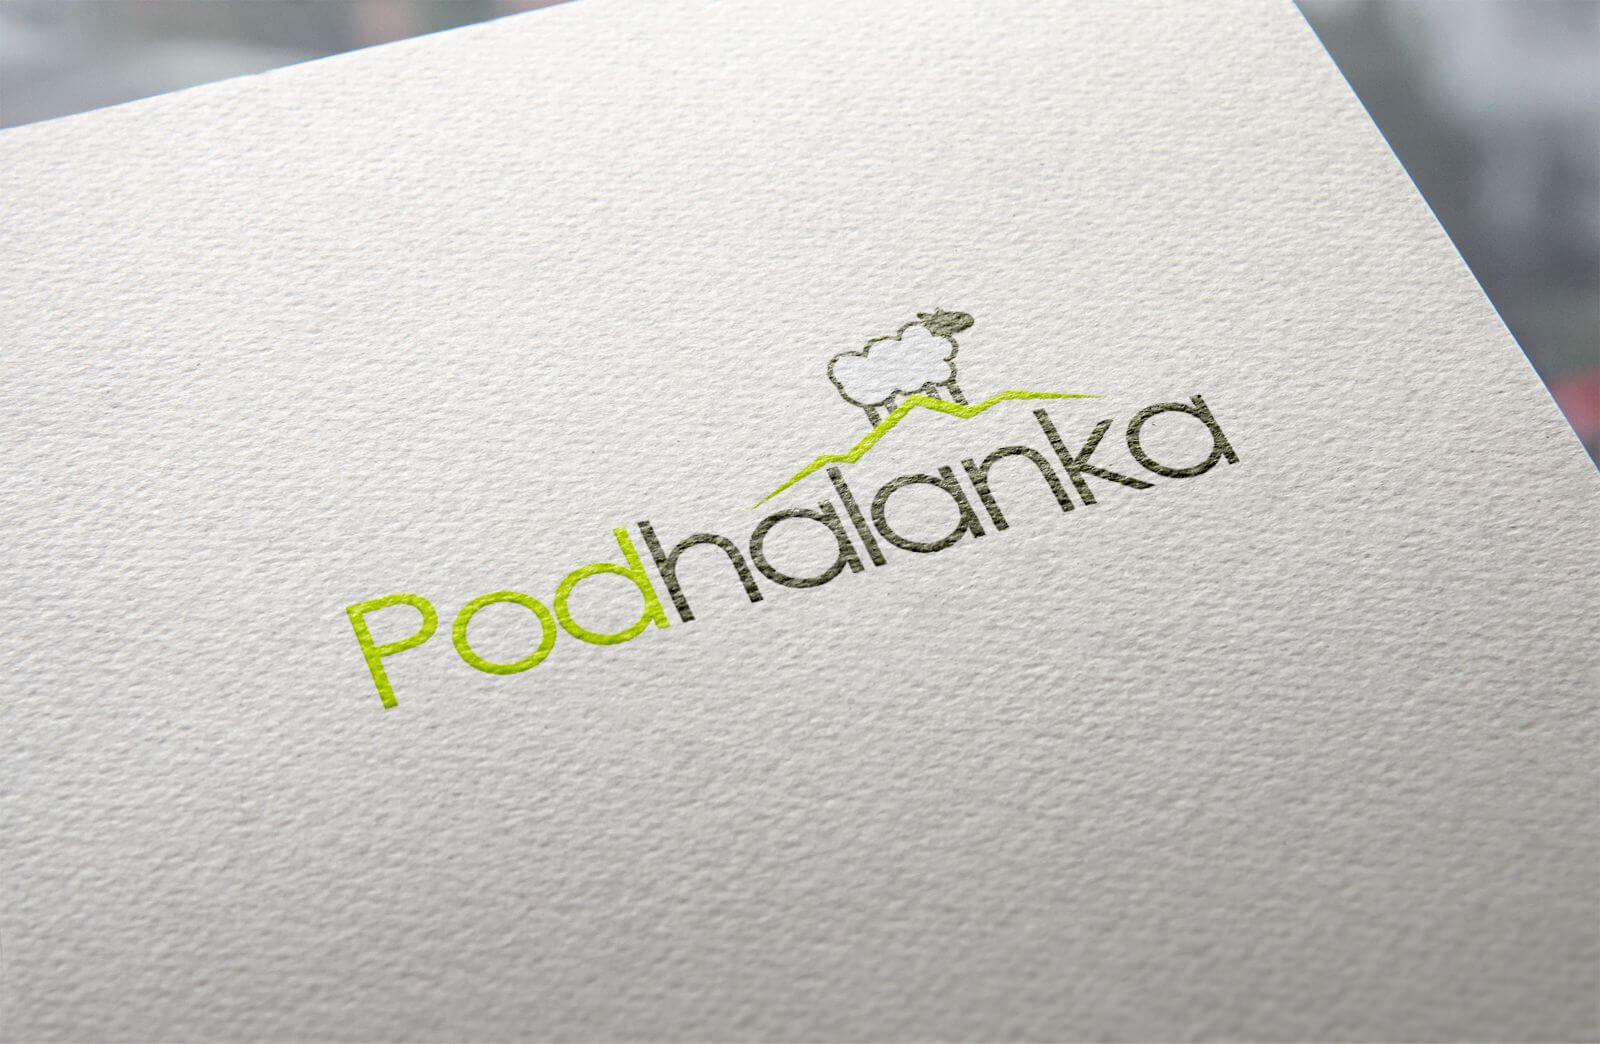 https://www.bywataha.pl/project/logo-podhalanka/